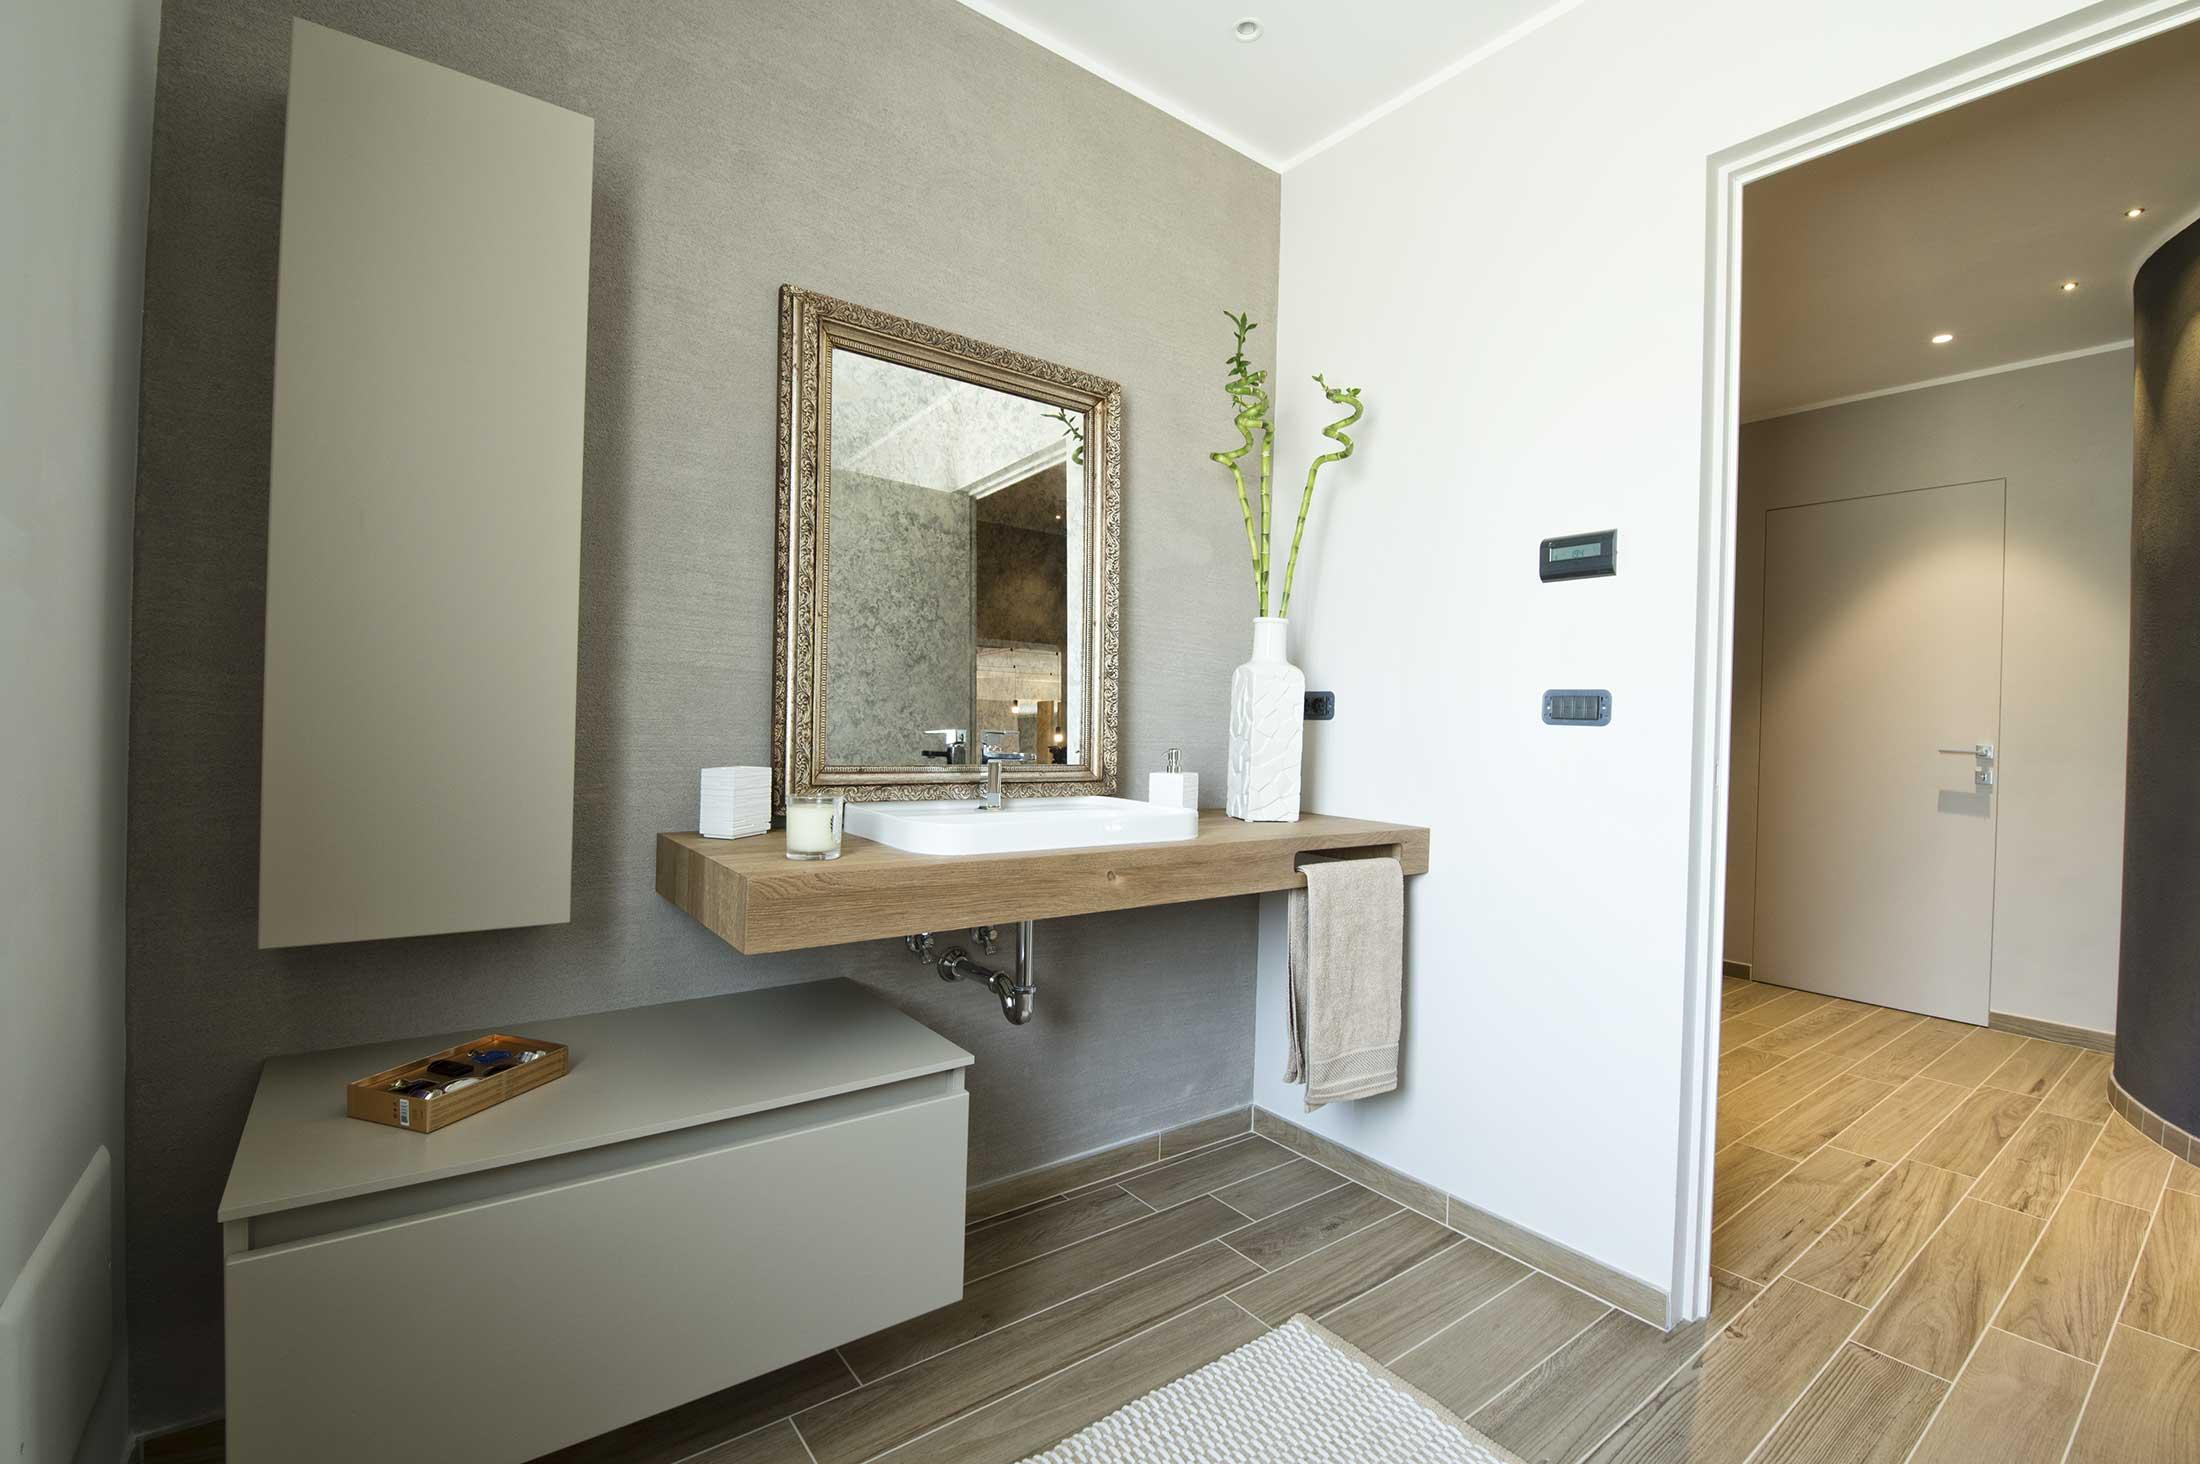 Abitazione-privata-Pensiero-Addessi-Design (10)